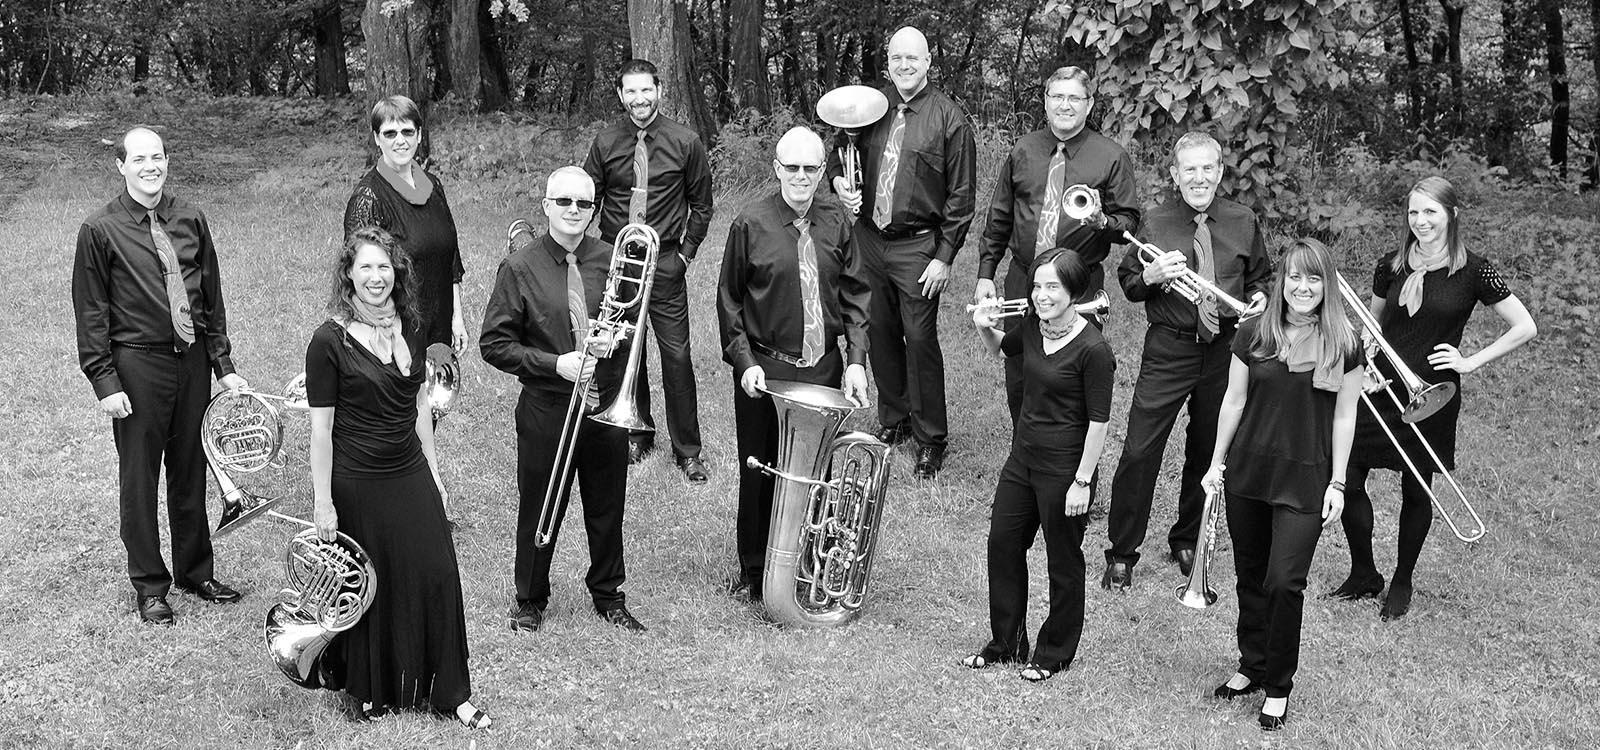 Gruppenfoto der zwölf Mitglieder des eurobrass-Ensemble mit ihren Instrumenten.